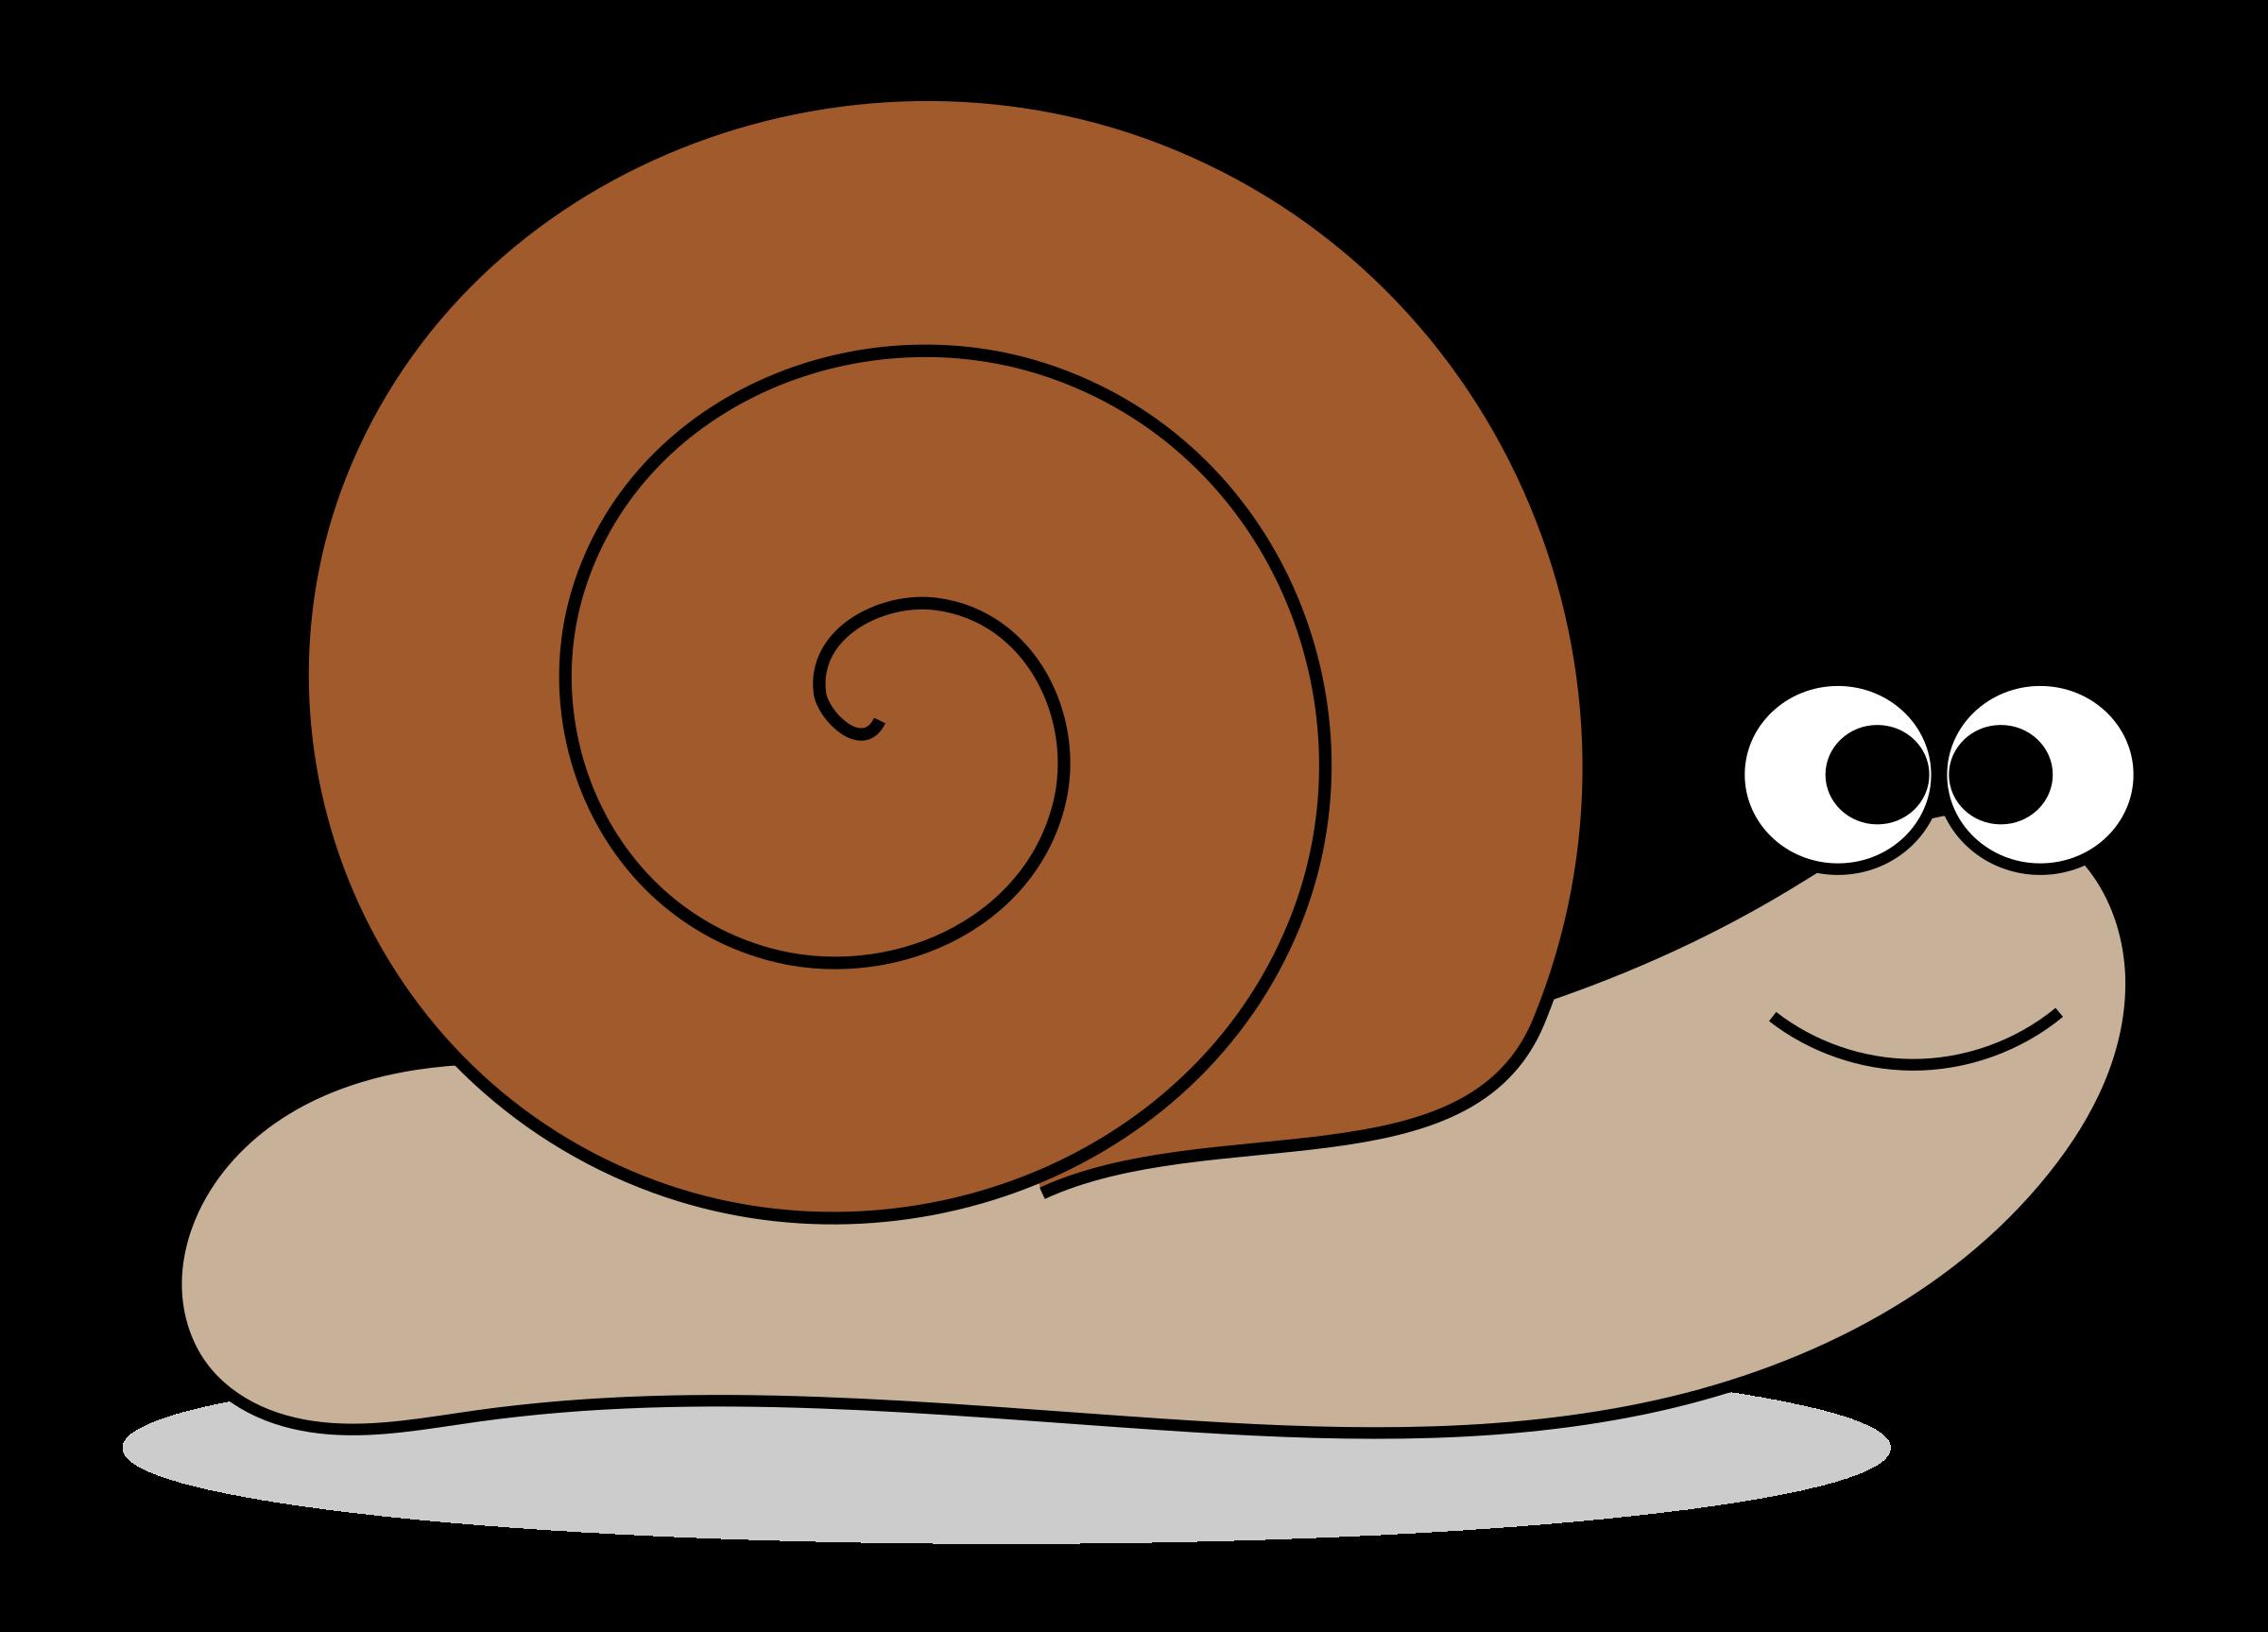 Mollusc clipart Clipart Images Clip Snail domain